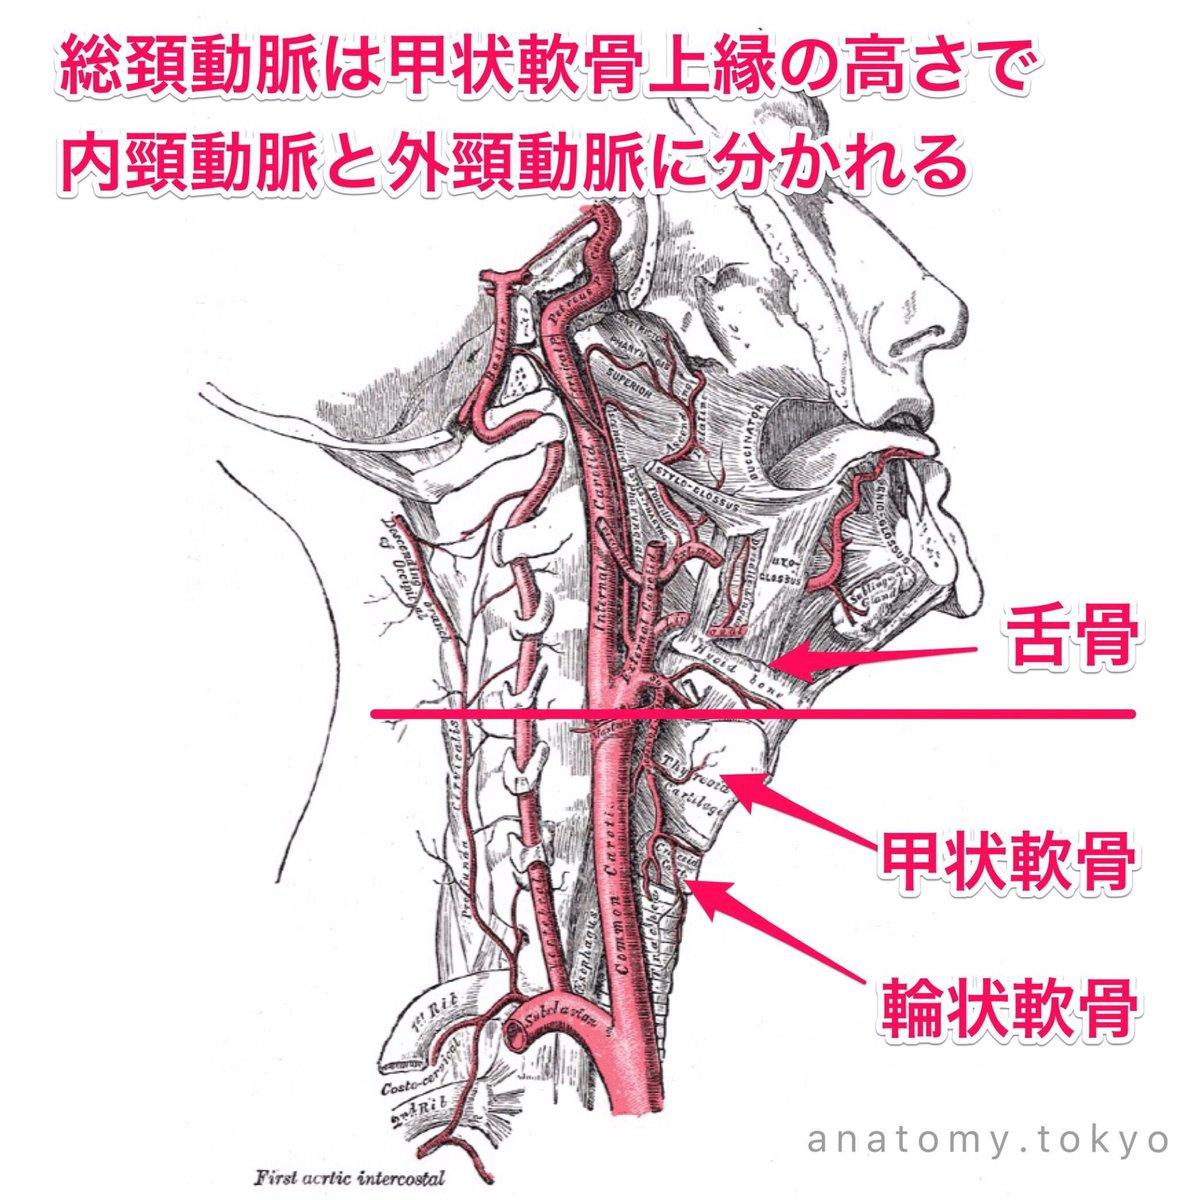 輪状 軟骨 軟骨 甲状